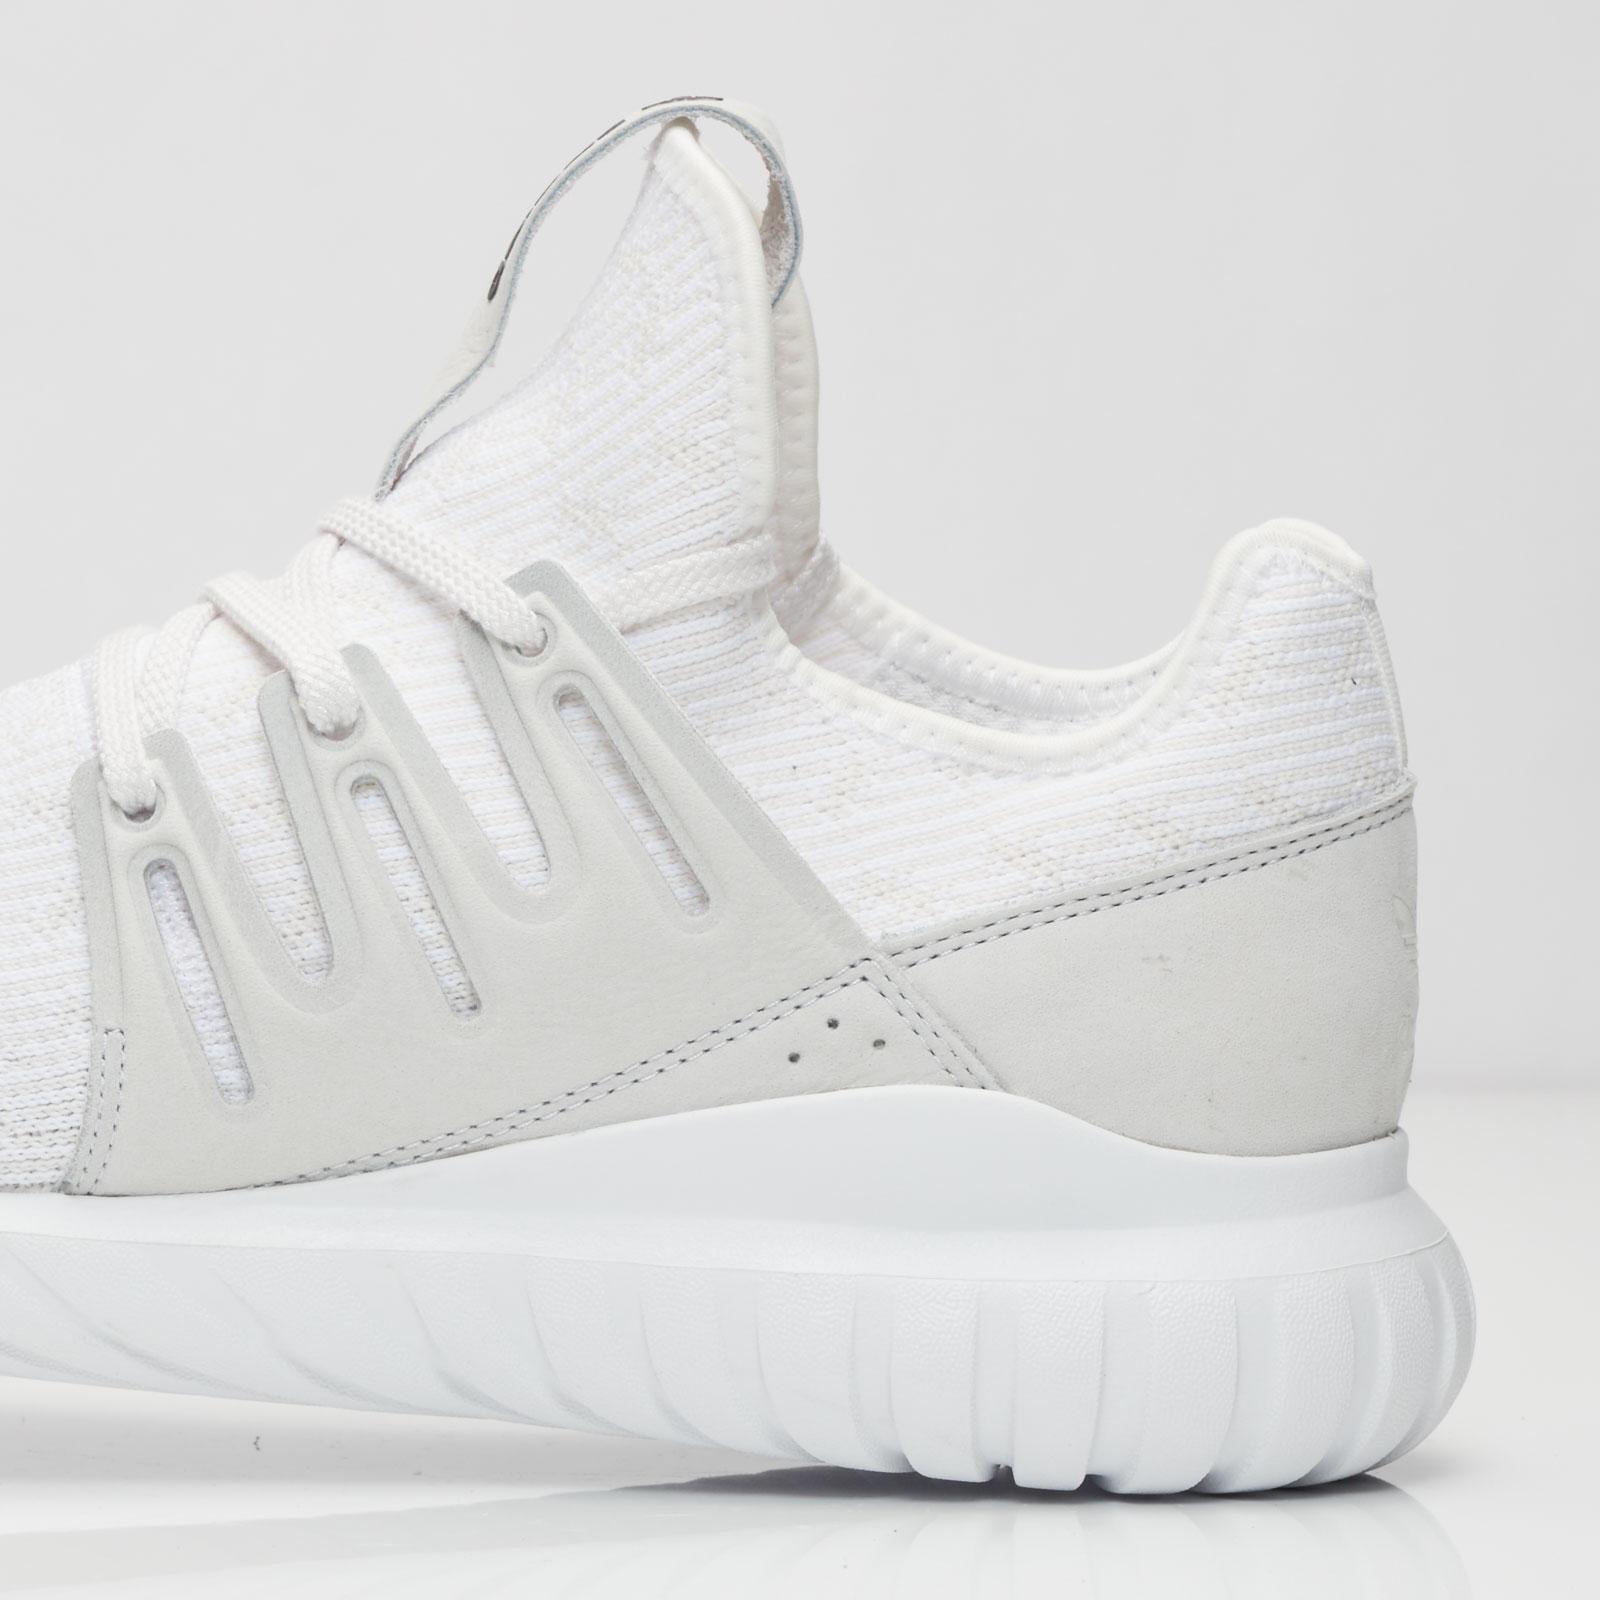 adidas sweatshirt, adidas Tubular Radial Sneaker in weiß